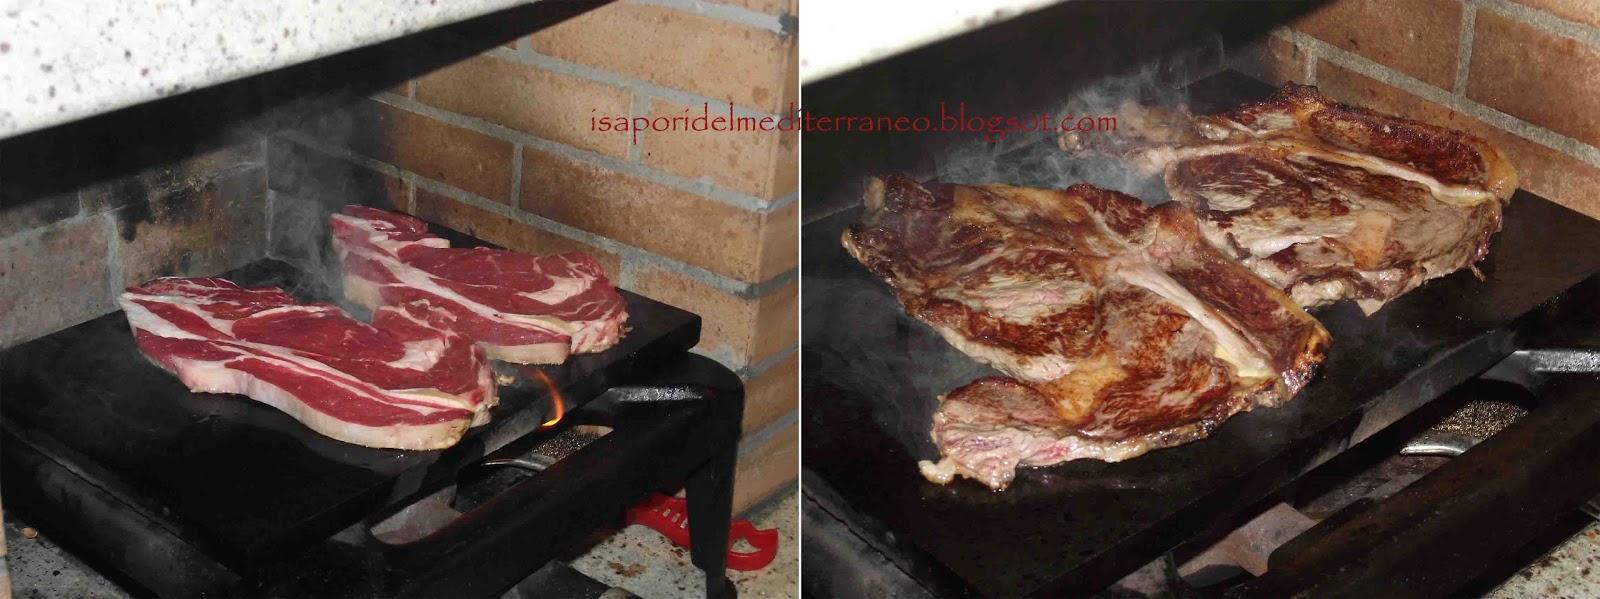 La cottura su pietra lavica i sapori del mediterraneo - Cucinare con la pietra lavica ...